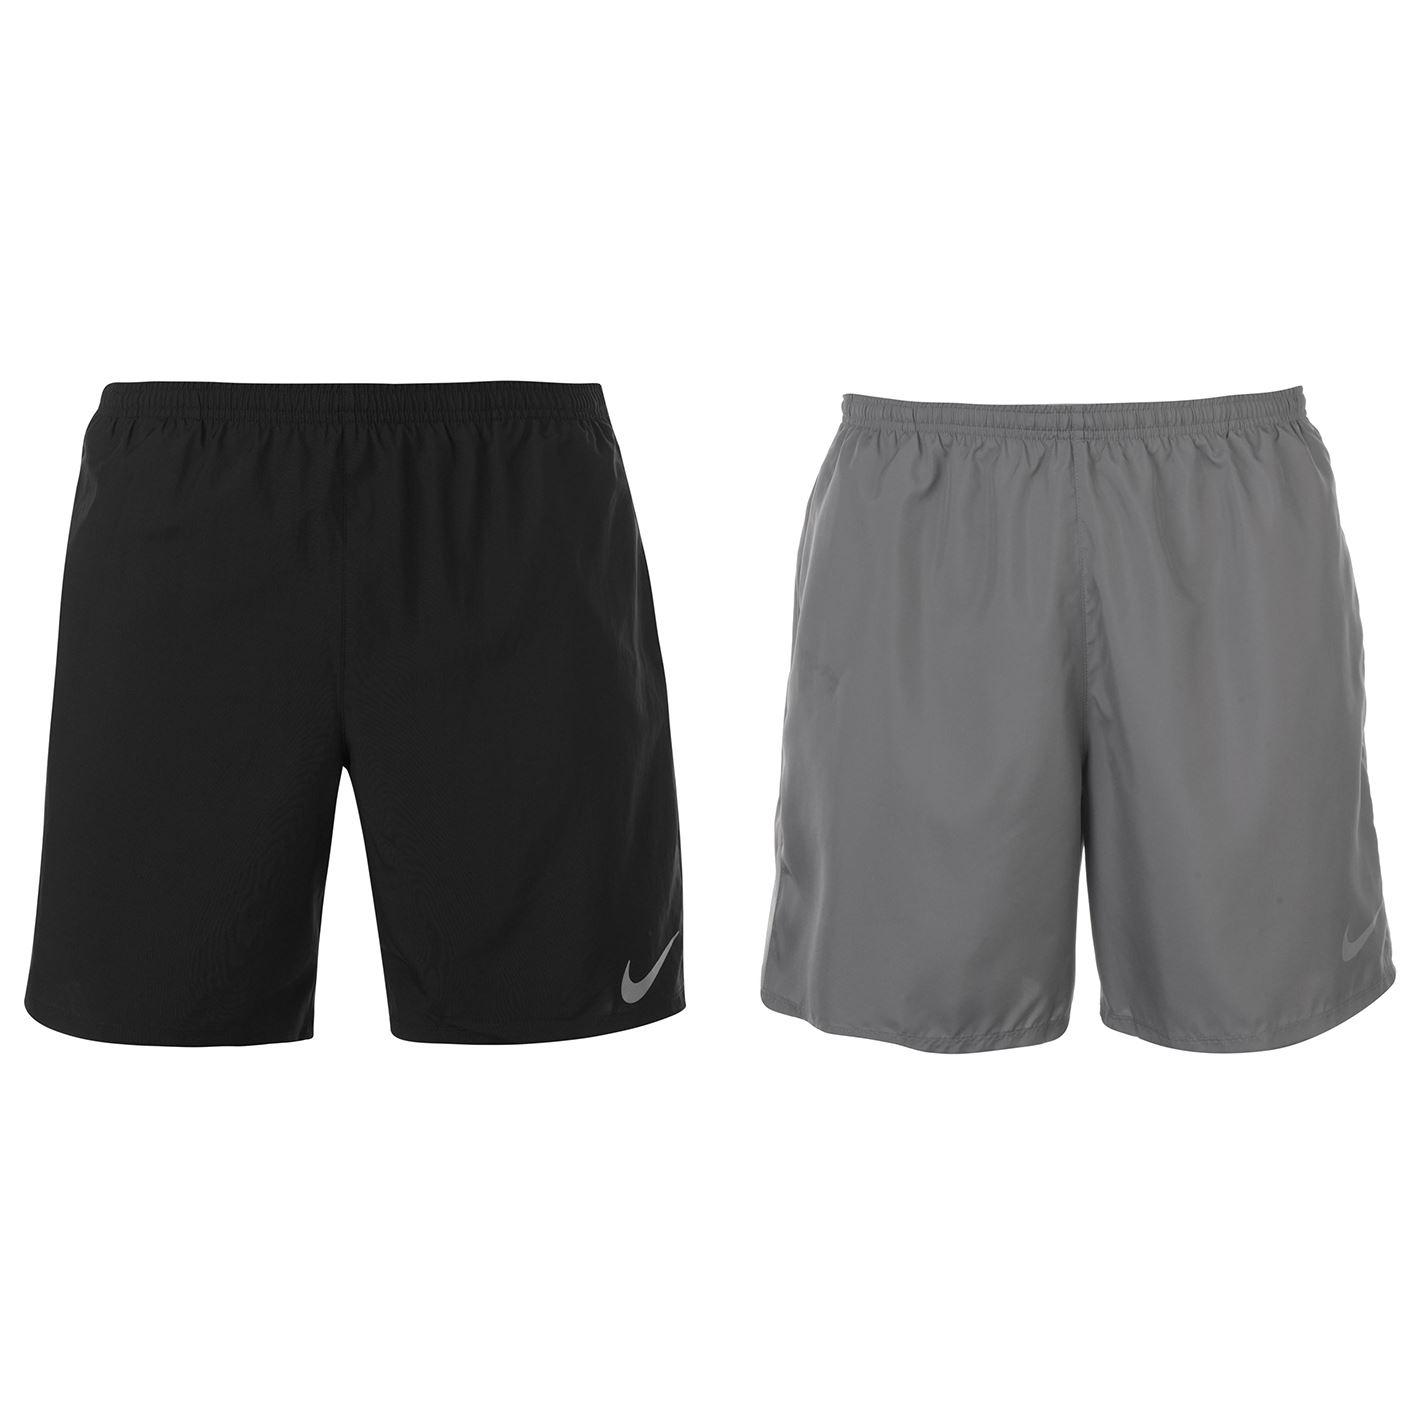 Détails sur Nike 17.8cm Drifit Course Shorts Hommes Bas Court Gym Fitness Vêtements de Sport